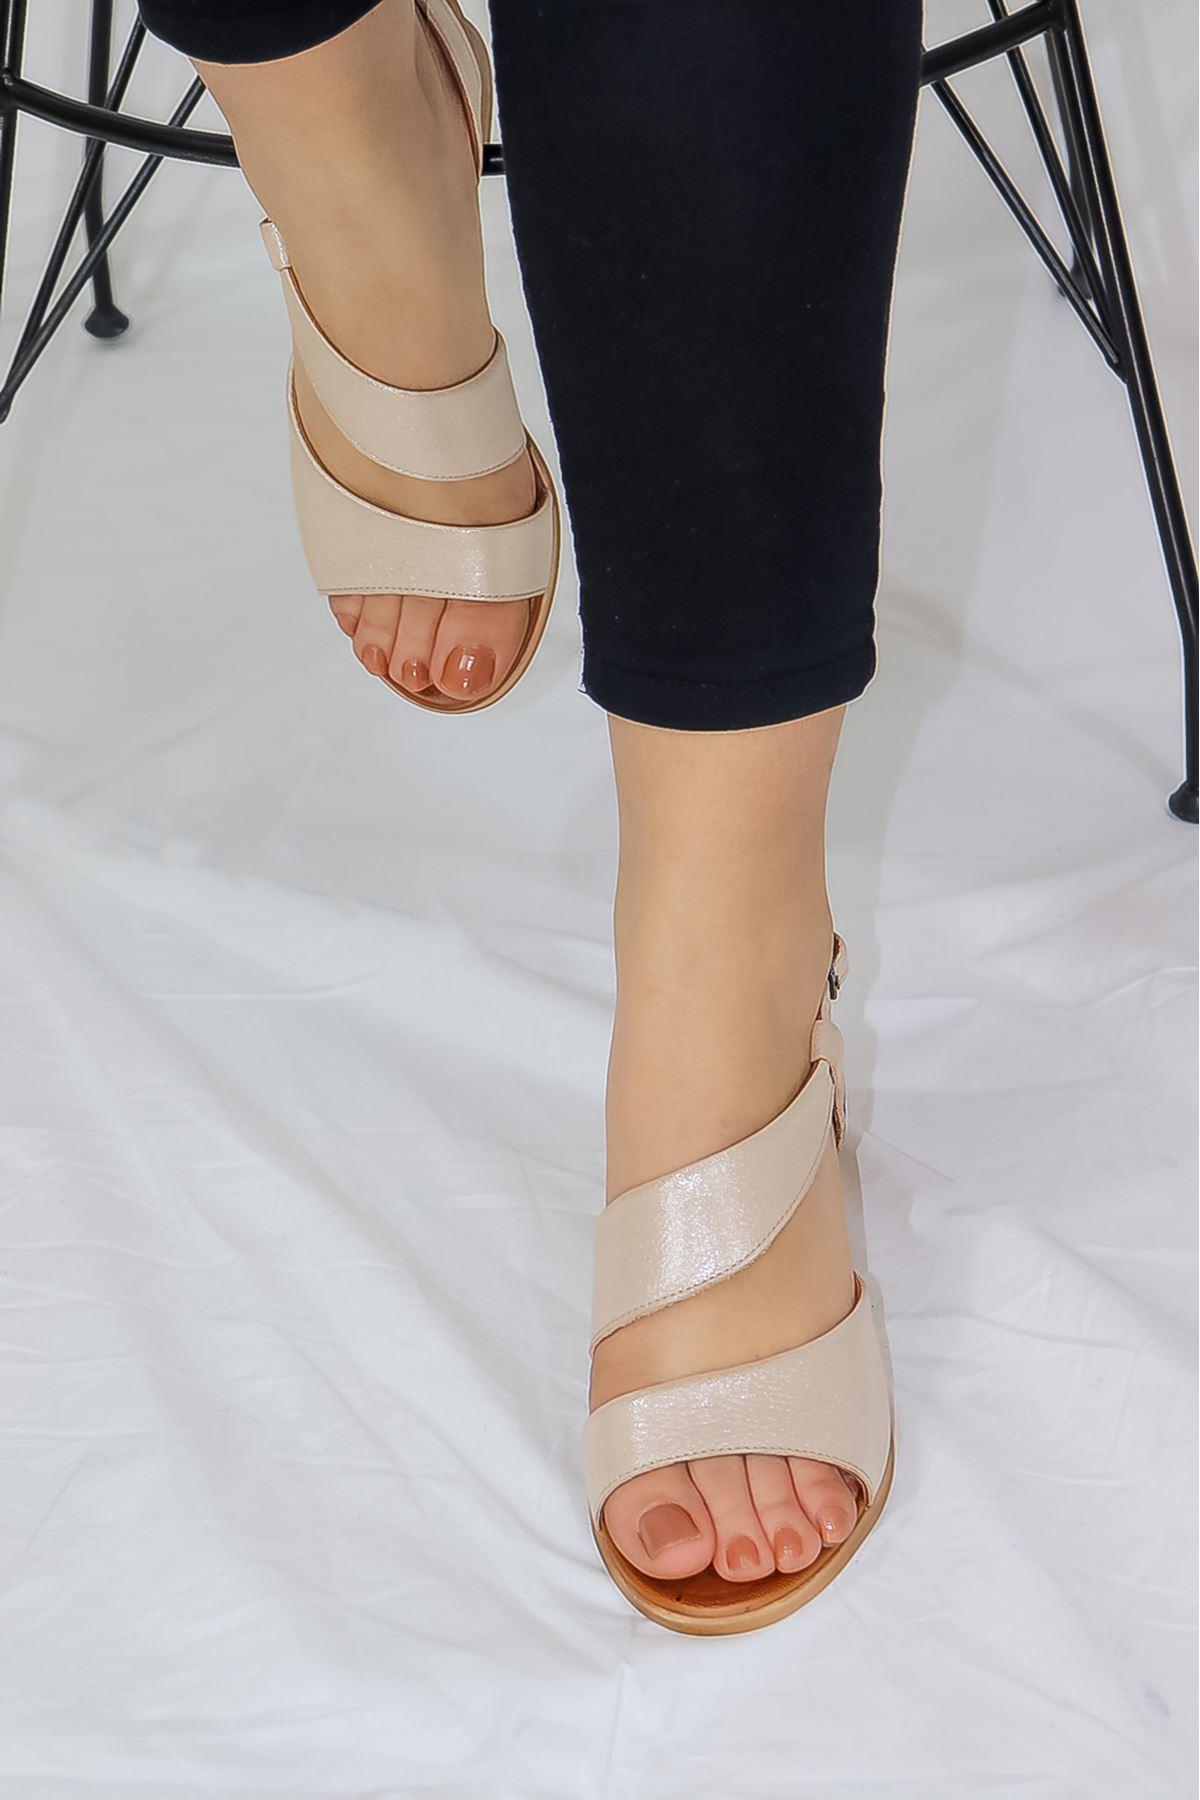 Mammamia - D21YS - 1130-B Dore Simli Kadın Ayakkabısı